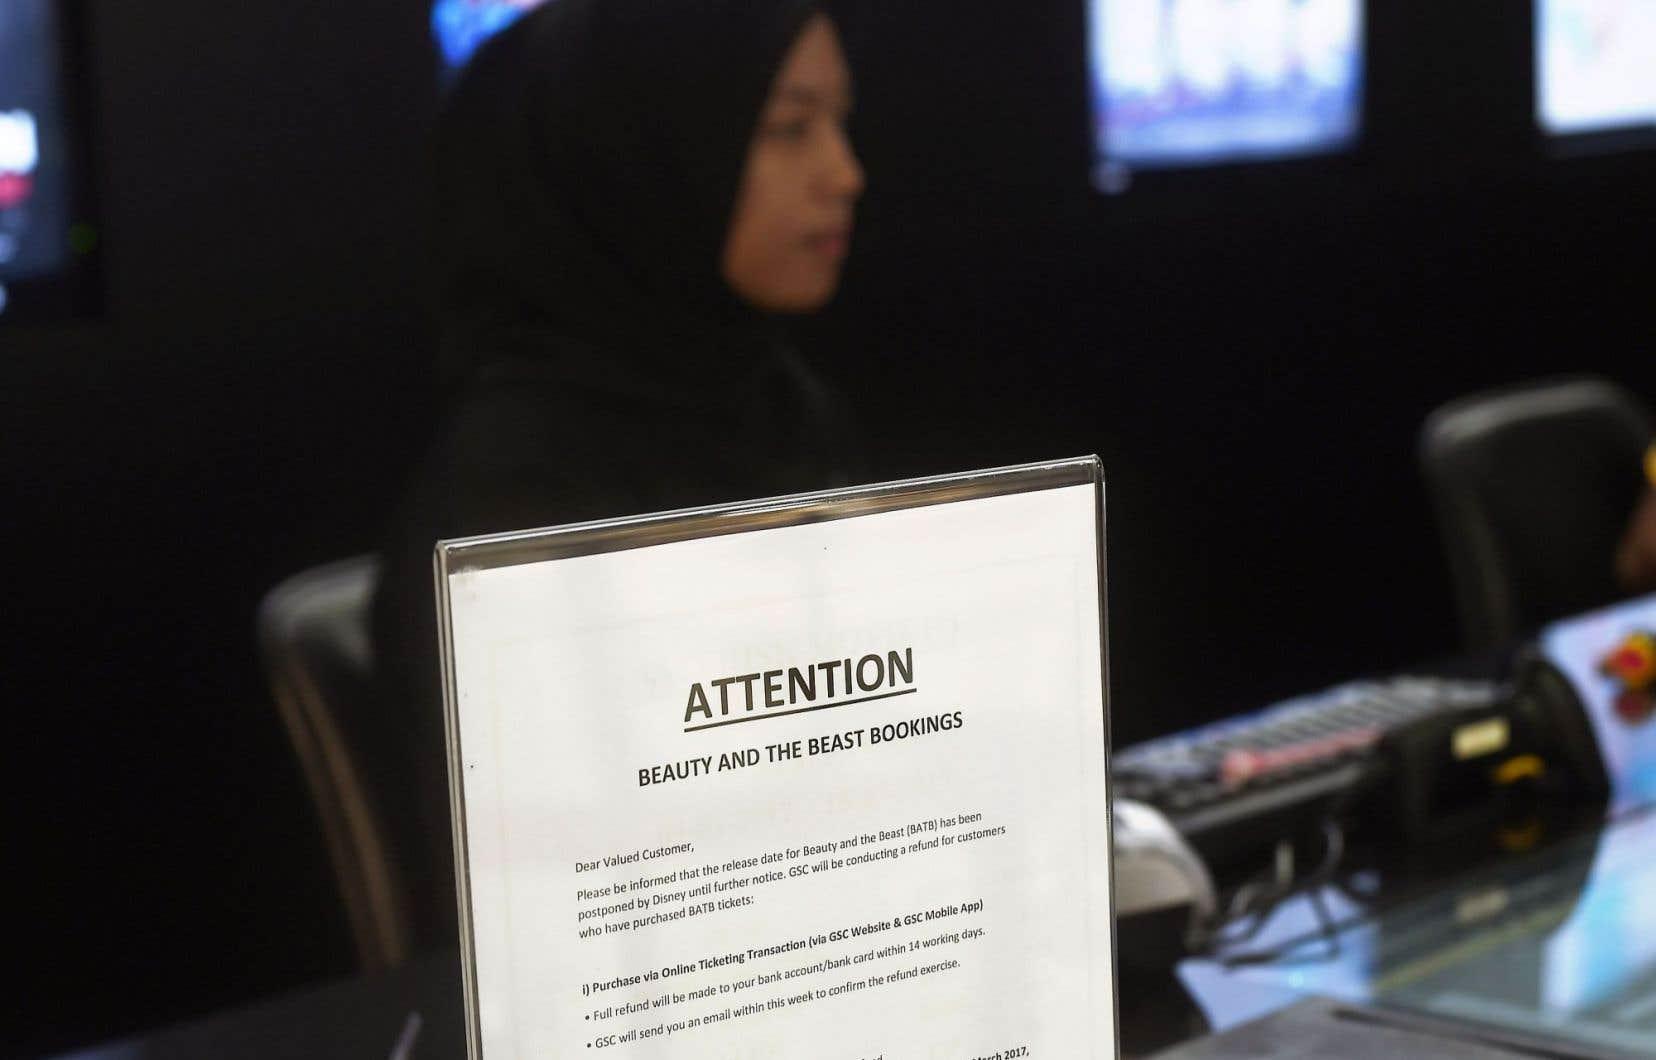 Des écriteaux placardés dans les chaînes de cinémas à Kuala Lumpur indiquent que la diffusion du film a été «reportée jusqu'à nouvel ordre».